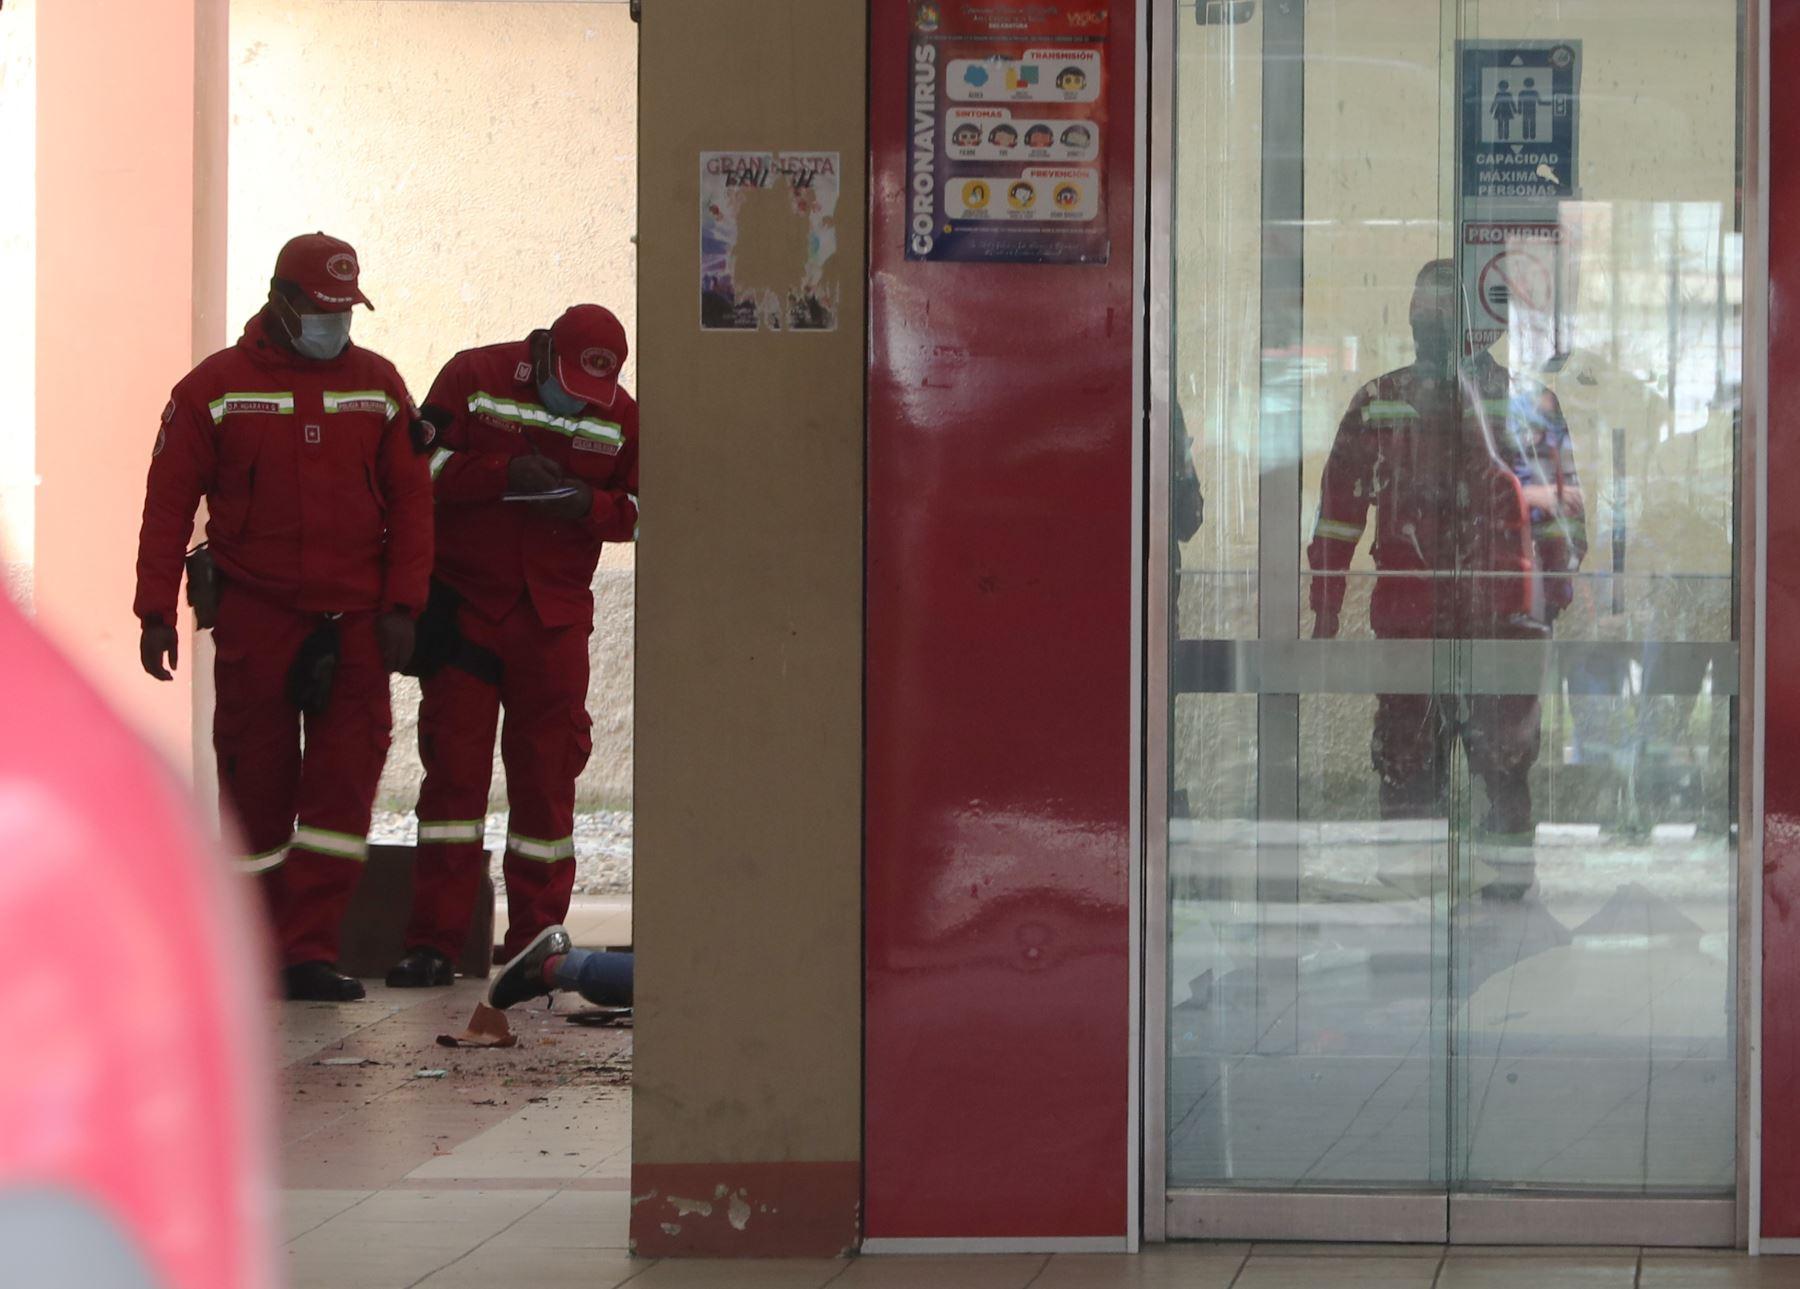 Varios bomberos inspeccionan el lugar del accidente el que murieron varios estudiantes hoy, en El Alto (Bolivia). Al menos cinco estudiantes murieron y tres resultaron heridos este martes al caer desde un cuarto piso luego de que una baranda se rompiera en la Universidad Pública de El Alto (UPEA) en Bolivia. Foto: EFE